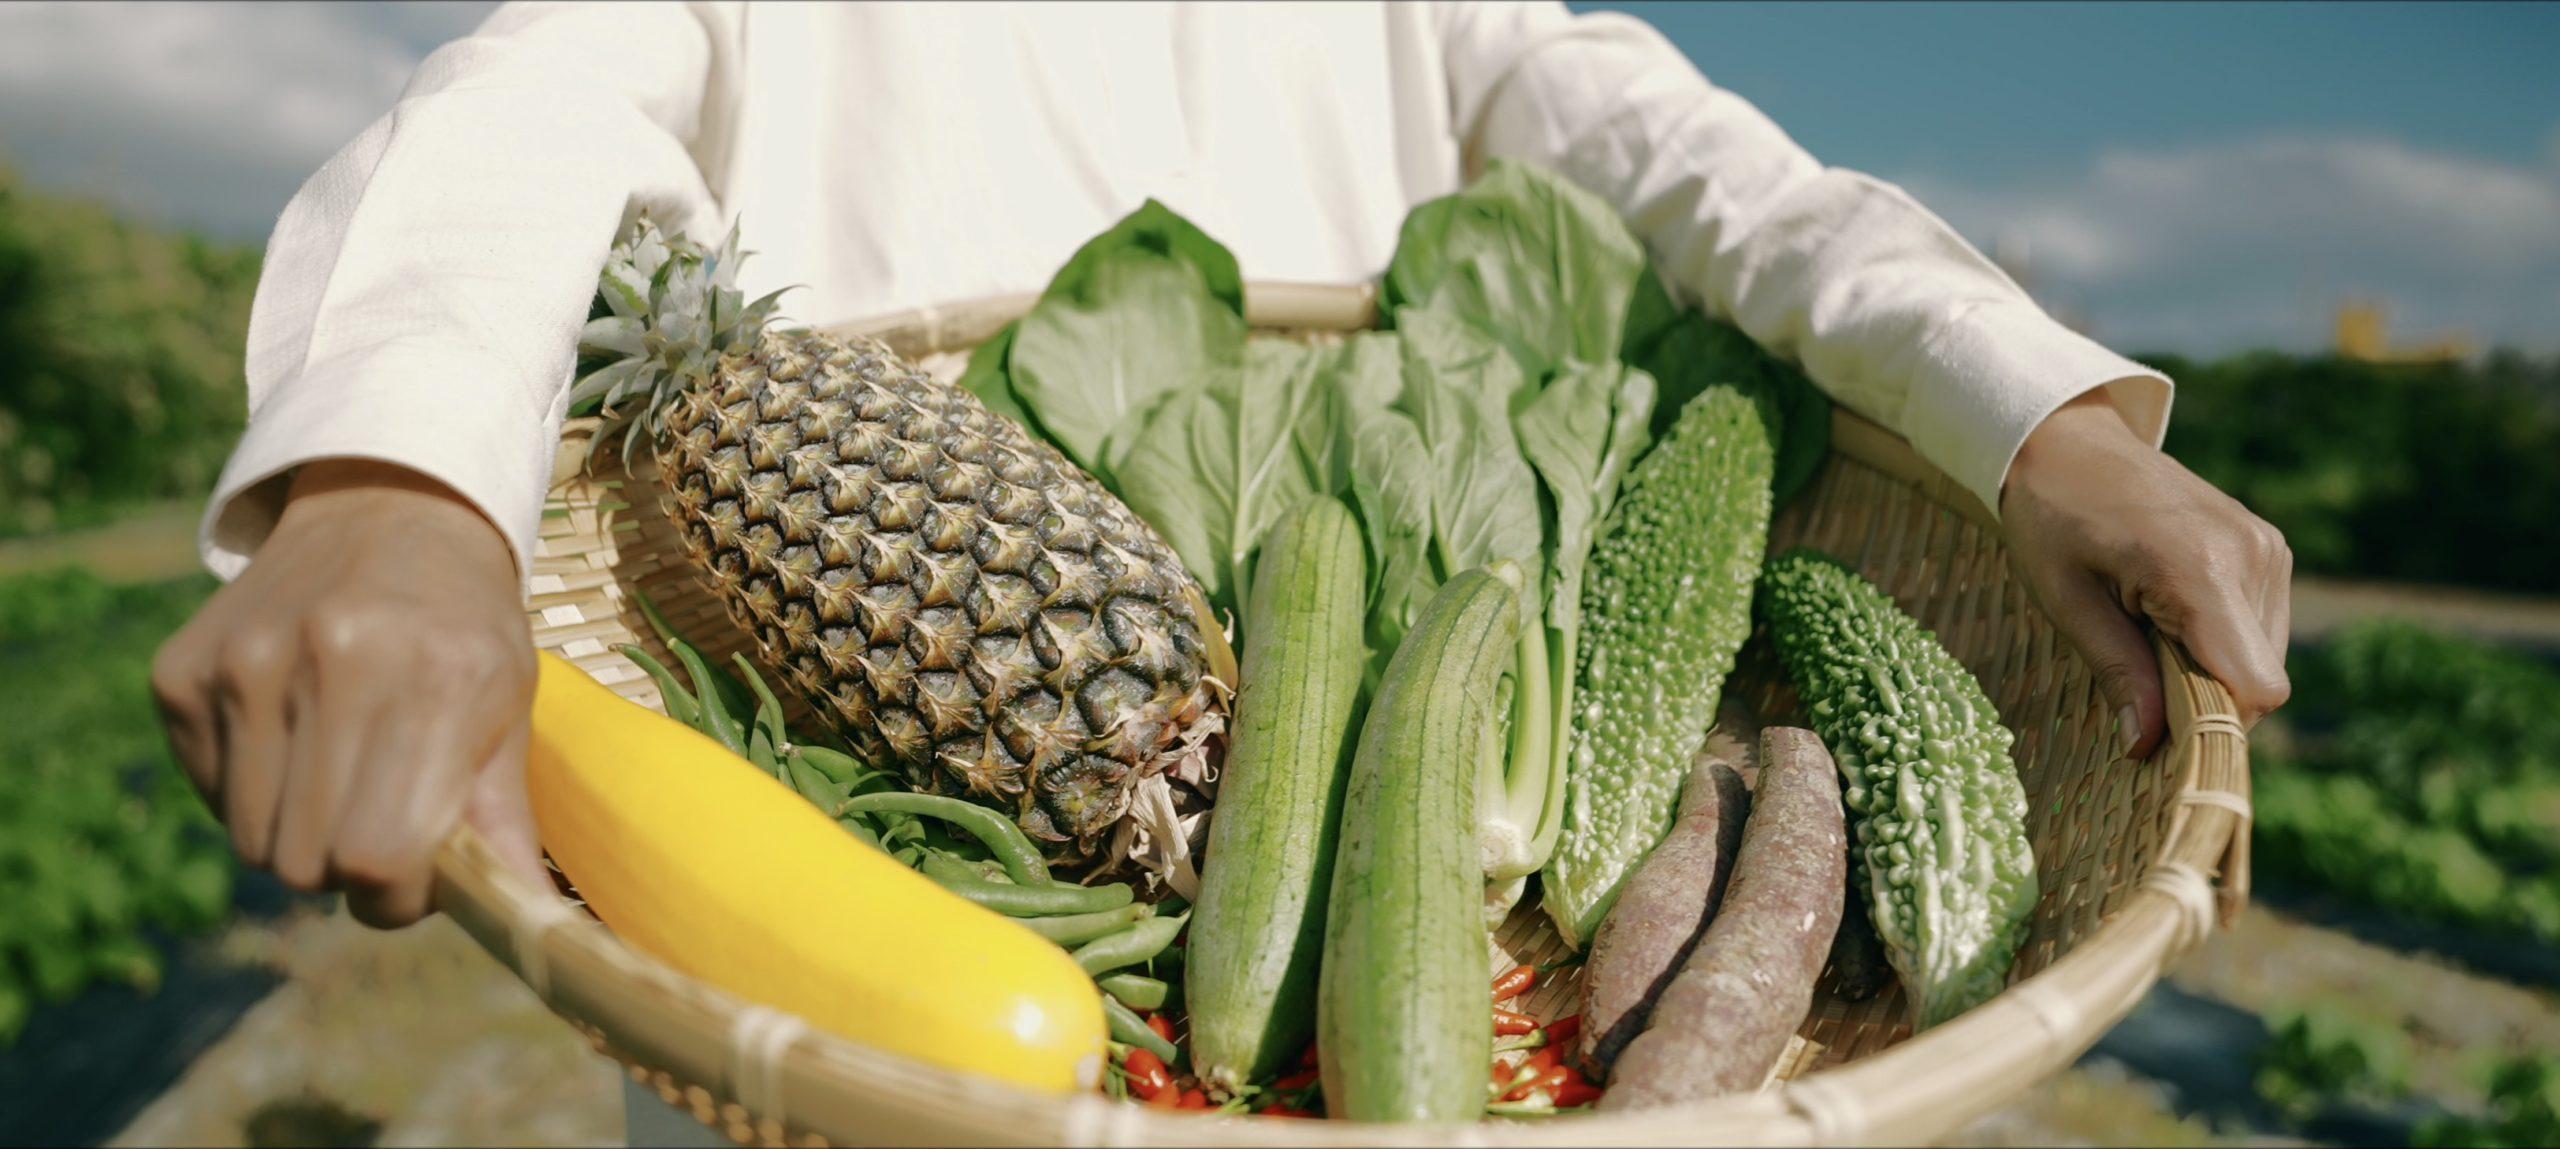 菌ちゃん先生「元気野菜作りと食育」講演会を開催します!